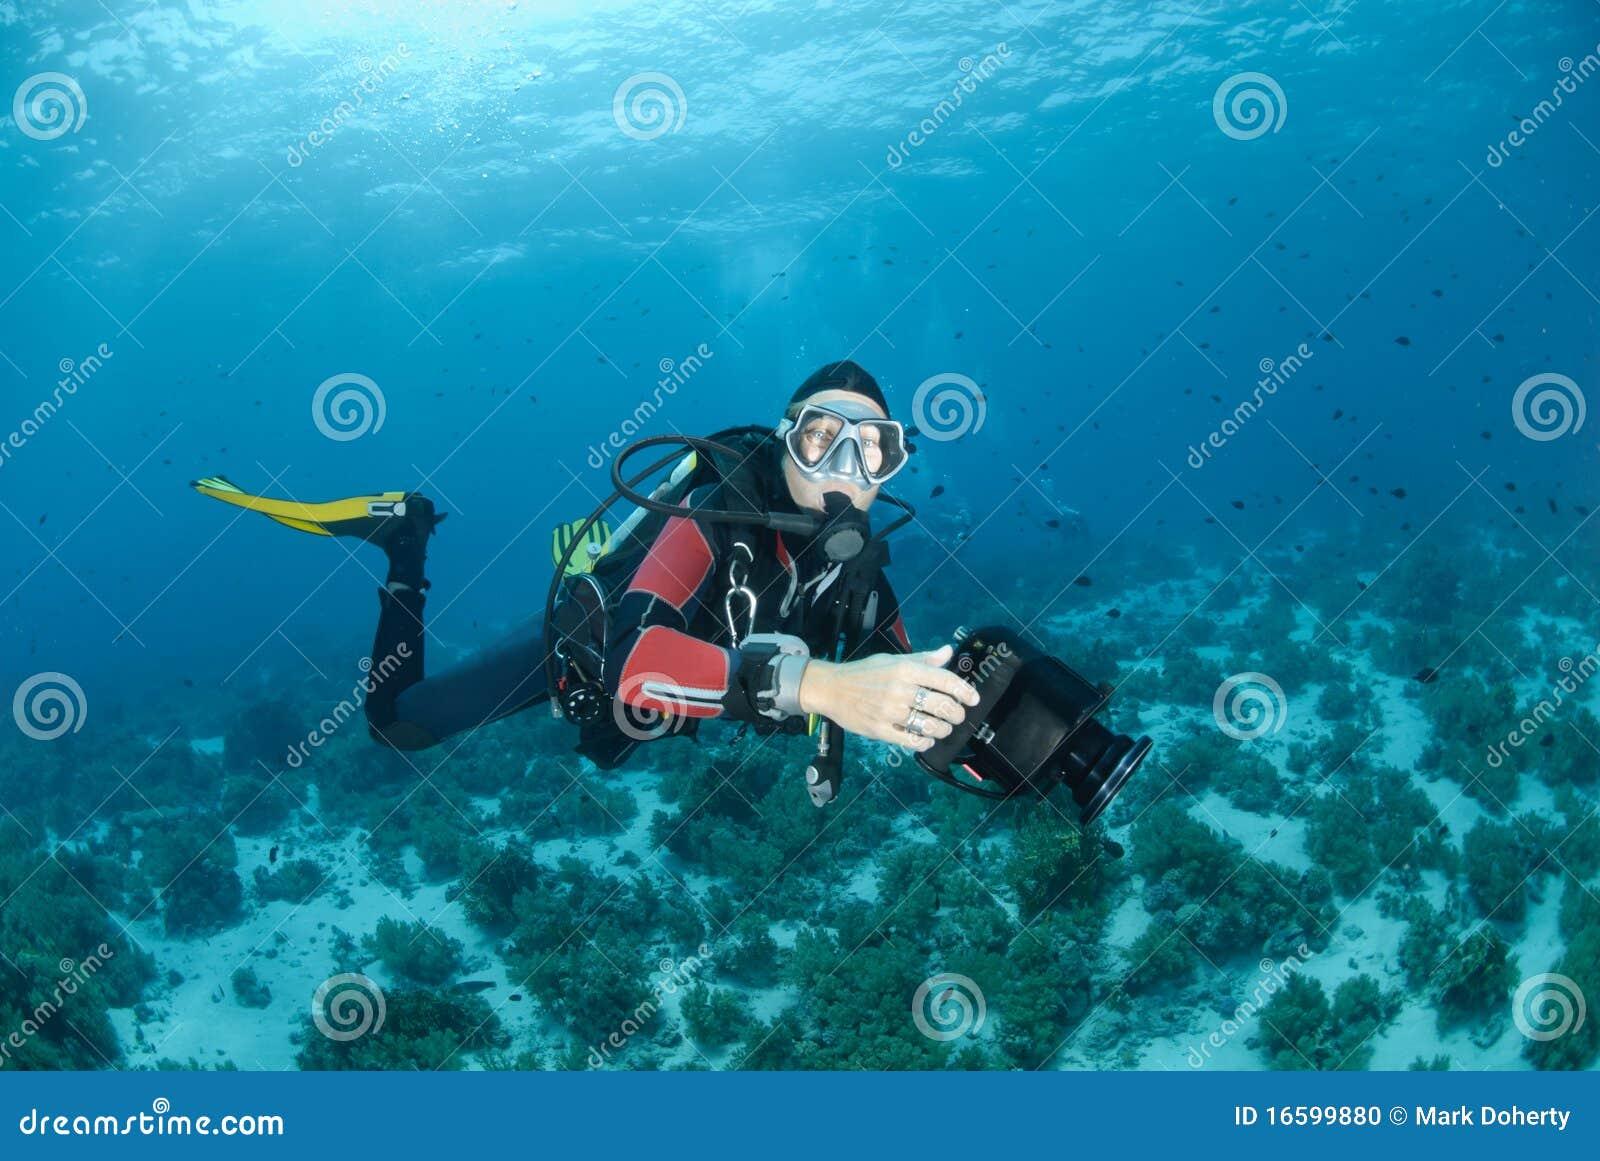 Operatore subacqueo di scuba femminile e video strumentazione subacquea.